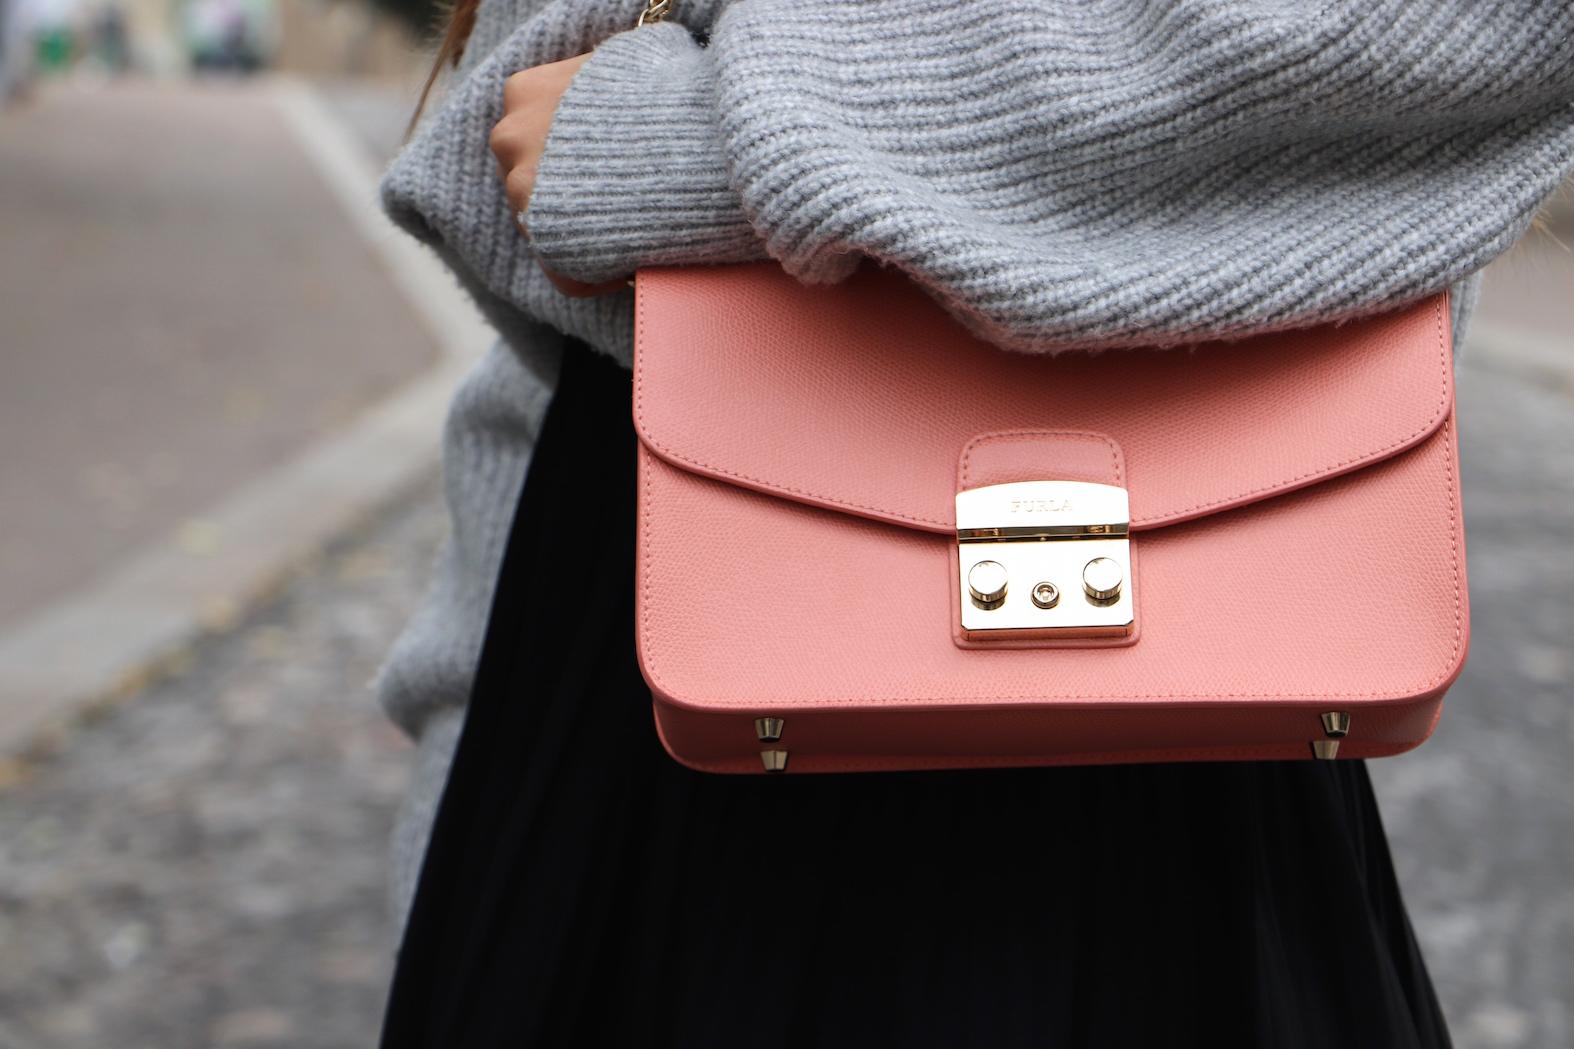 sac furla rose